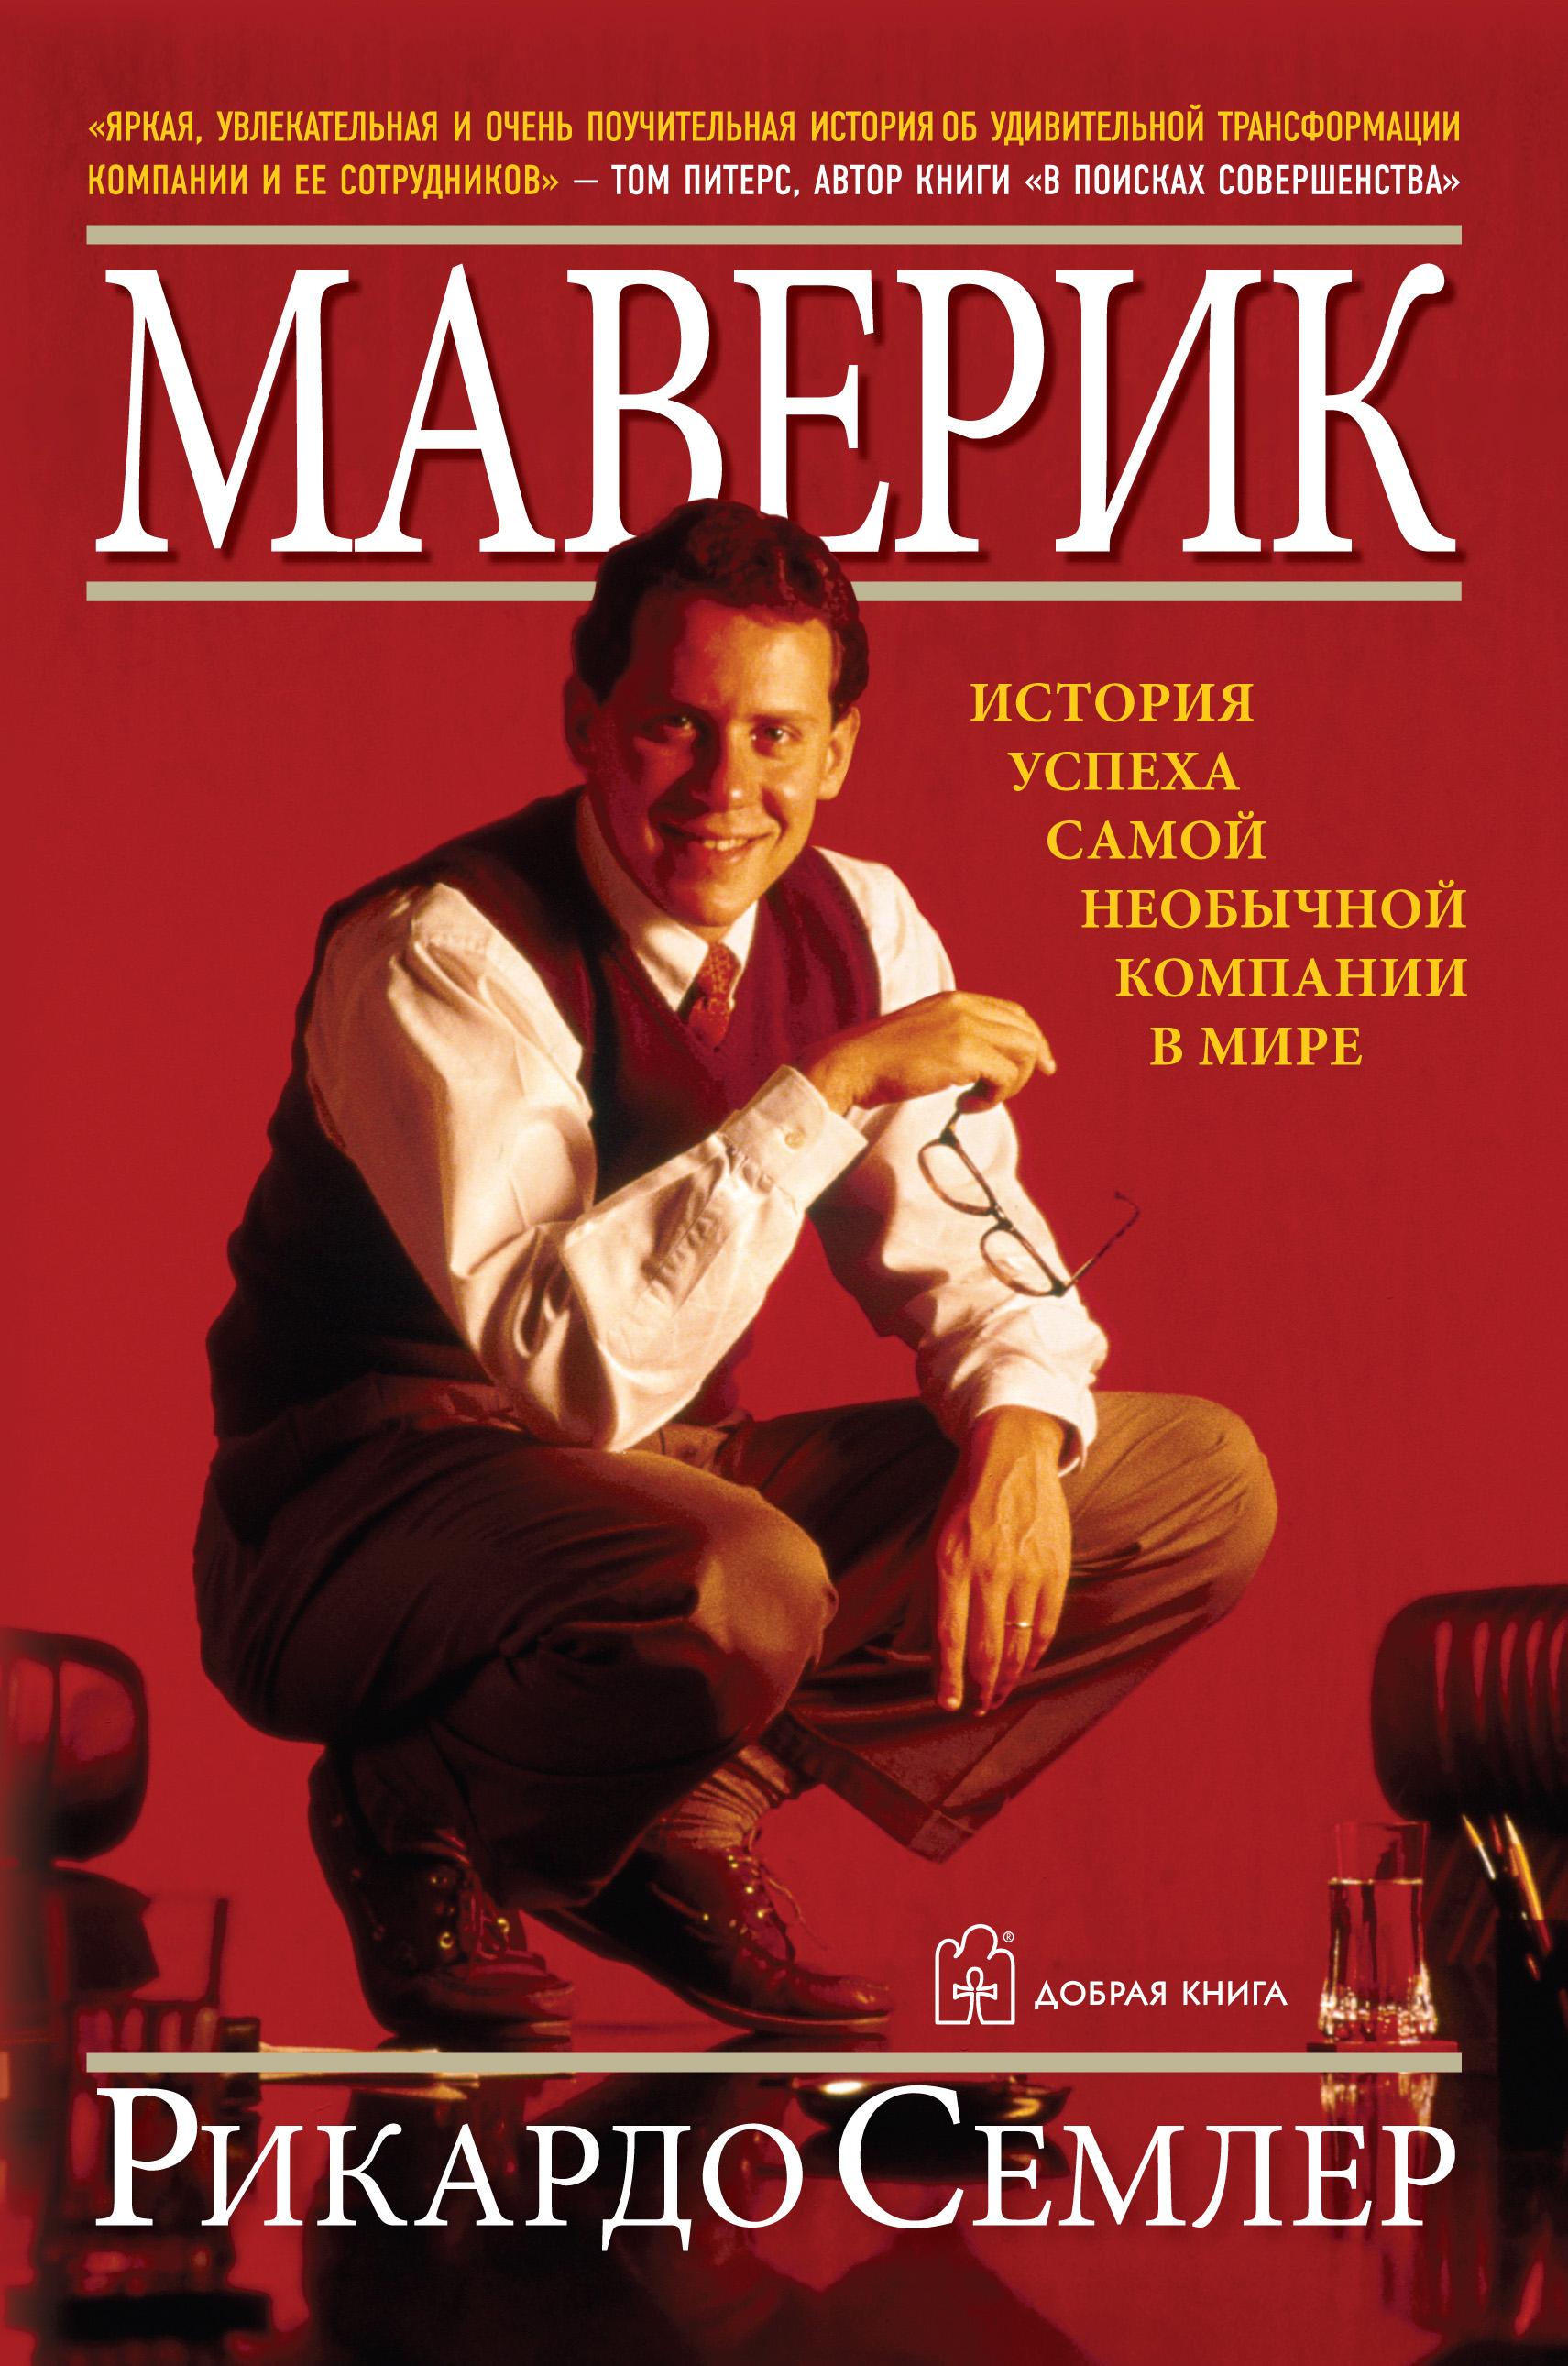 Обложка книги Маверик. История успеха самой необычной компании в мире